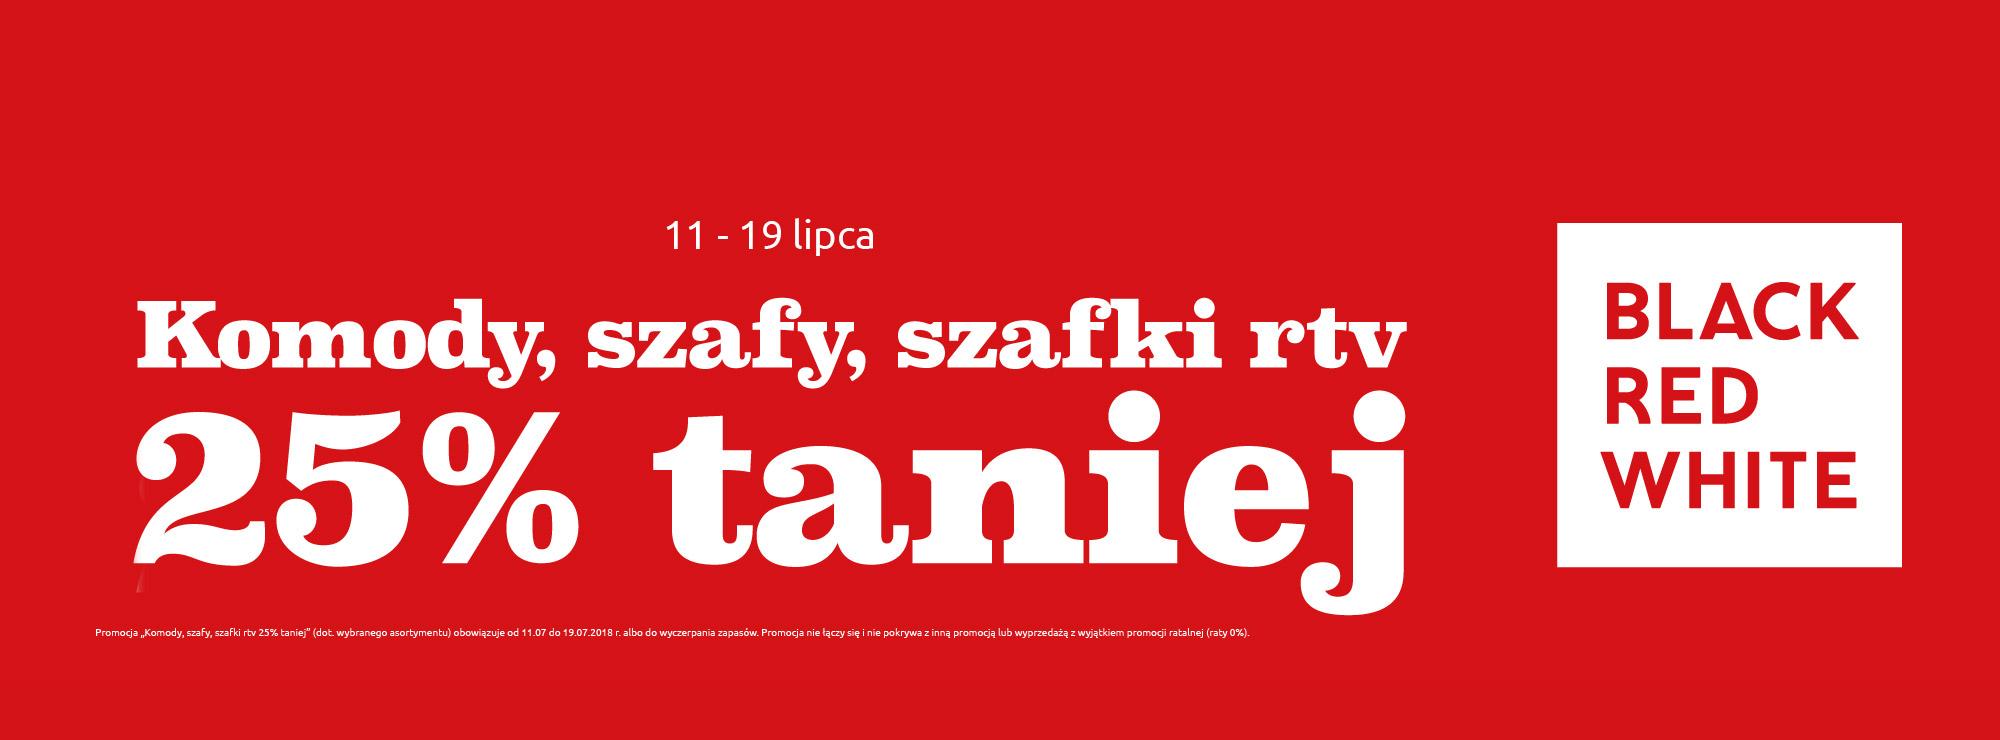 taniej_25procent_2000_740